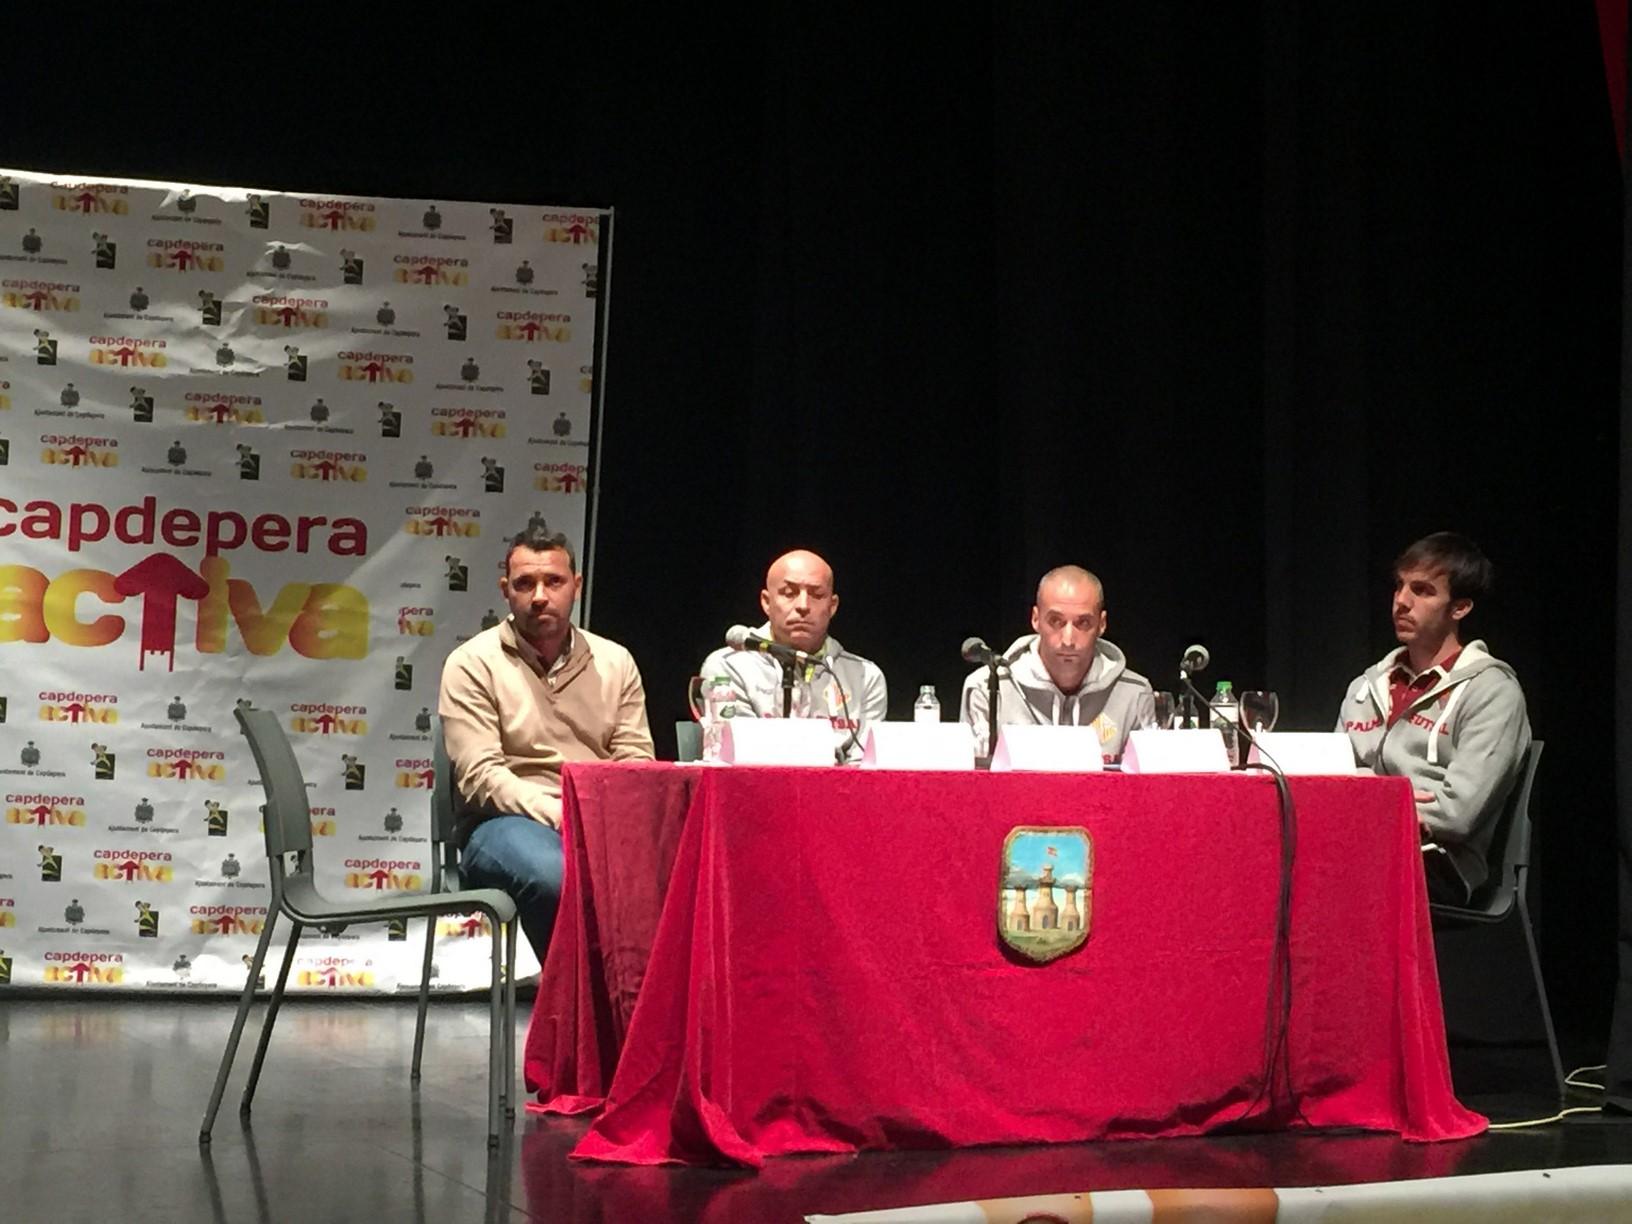 José Tirado, Juanito, Vadillo y Barrón, en el Teatre de Capdepera 3.jpeg (Copiar)